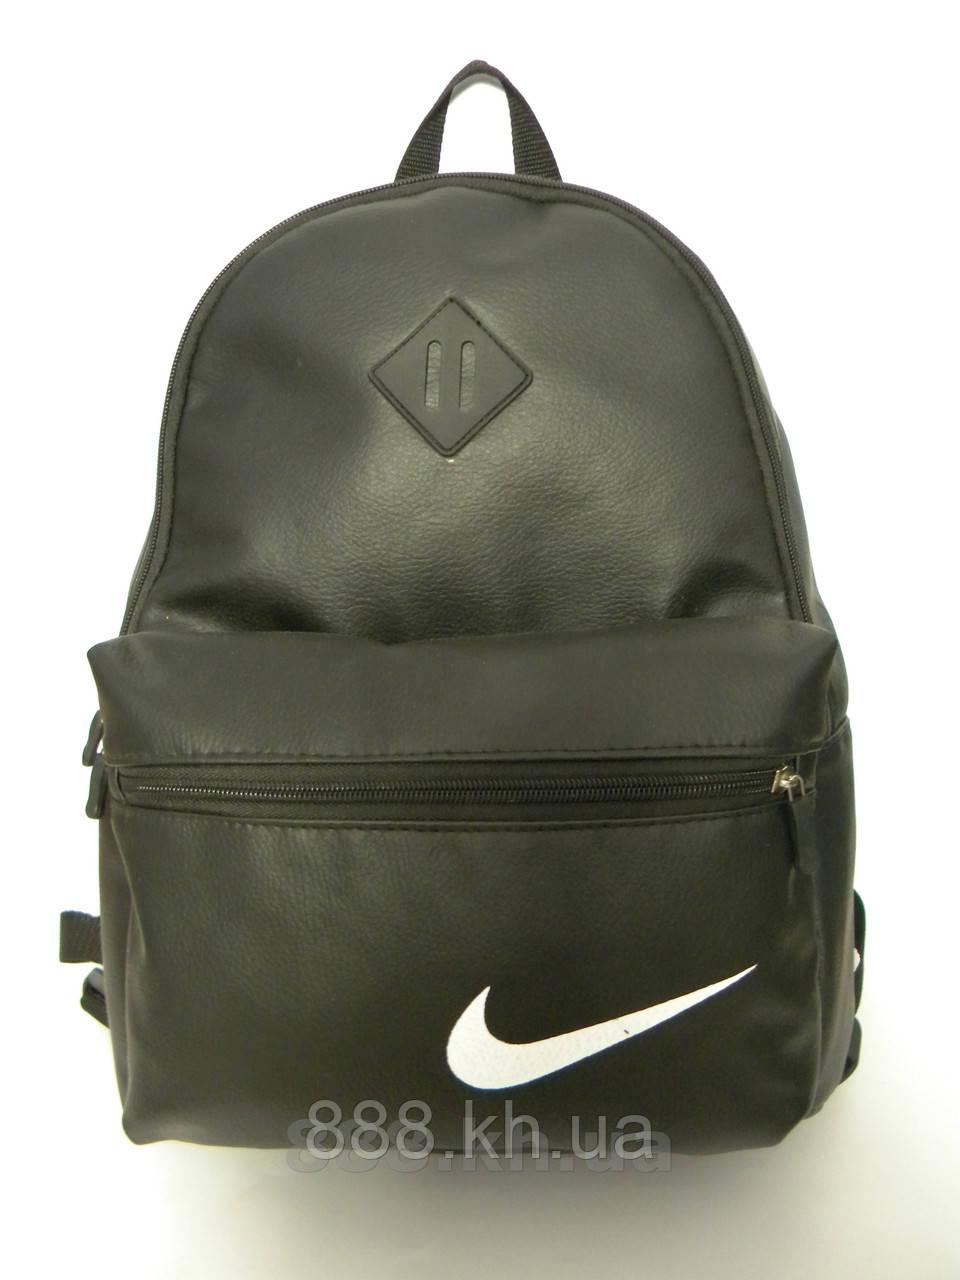 Стильный городской рюкзак NIKE, рюкзак кожаный, черный кожаный рюкзак не оригинал